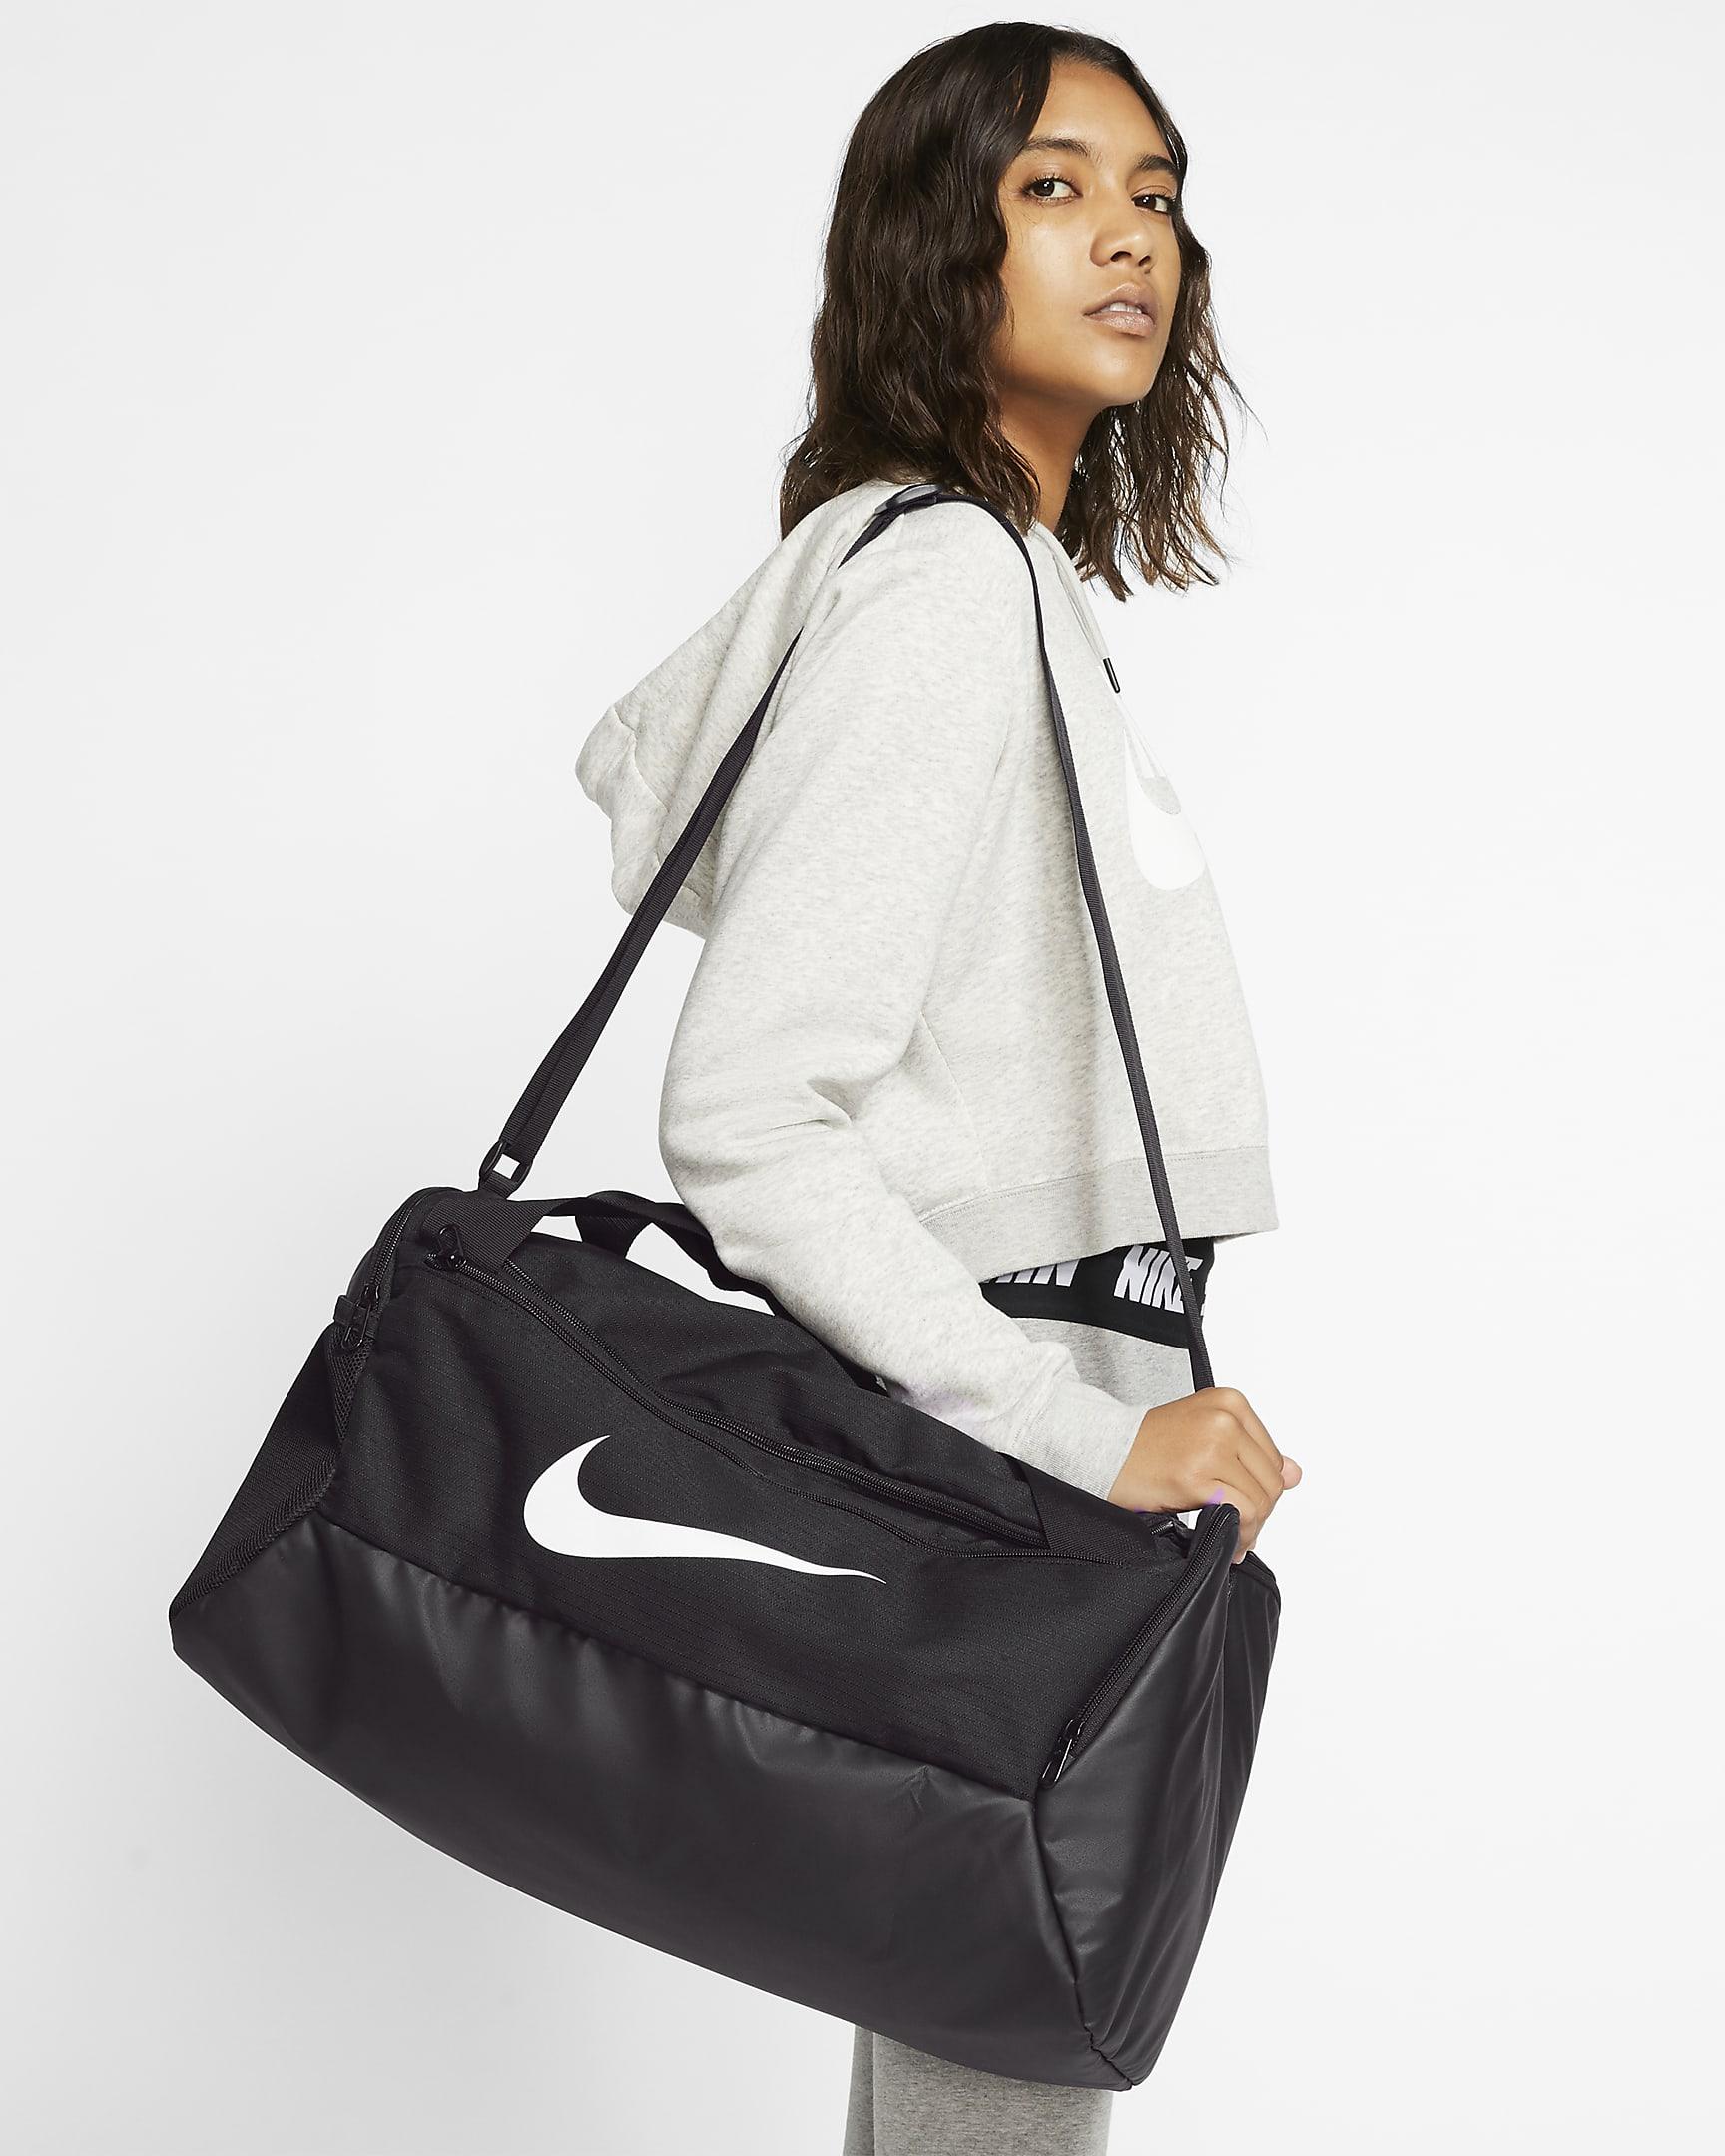 Nike Small Brasilia Duffel 5